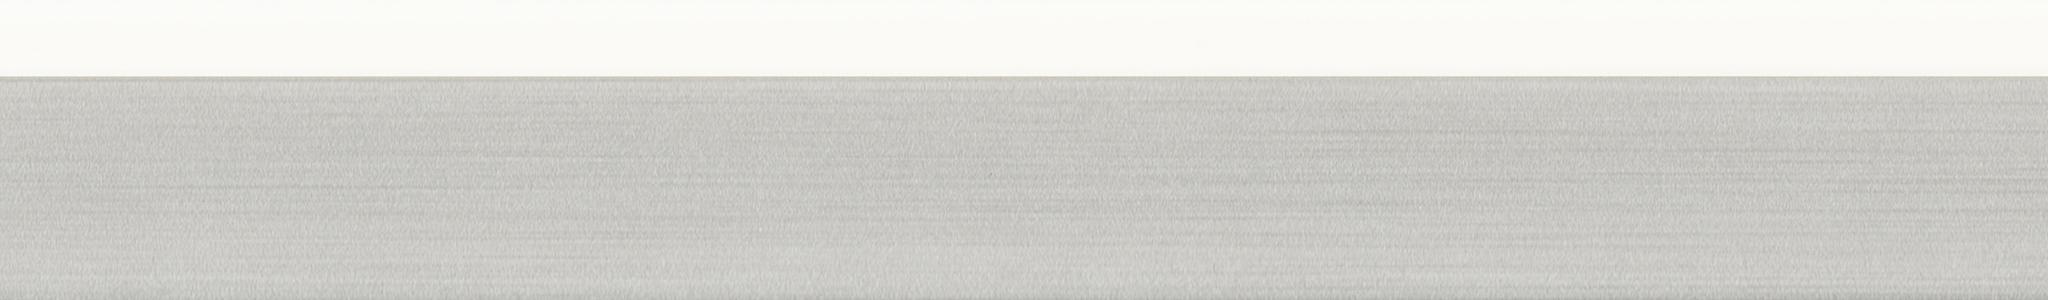 HD 29198 canto acrílico 3D 2v1 acero blanco